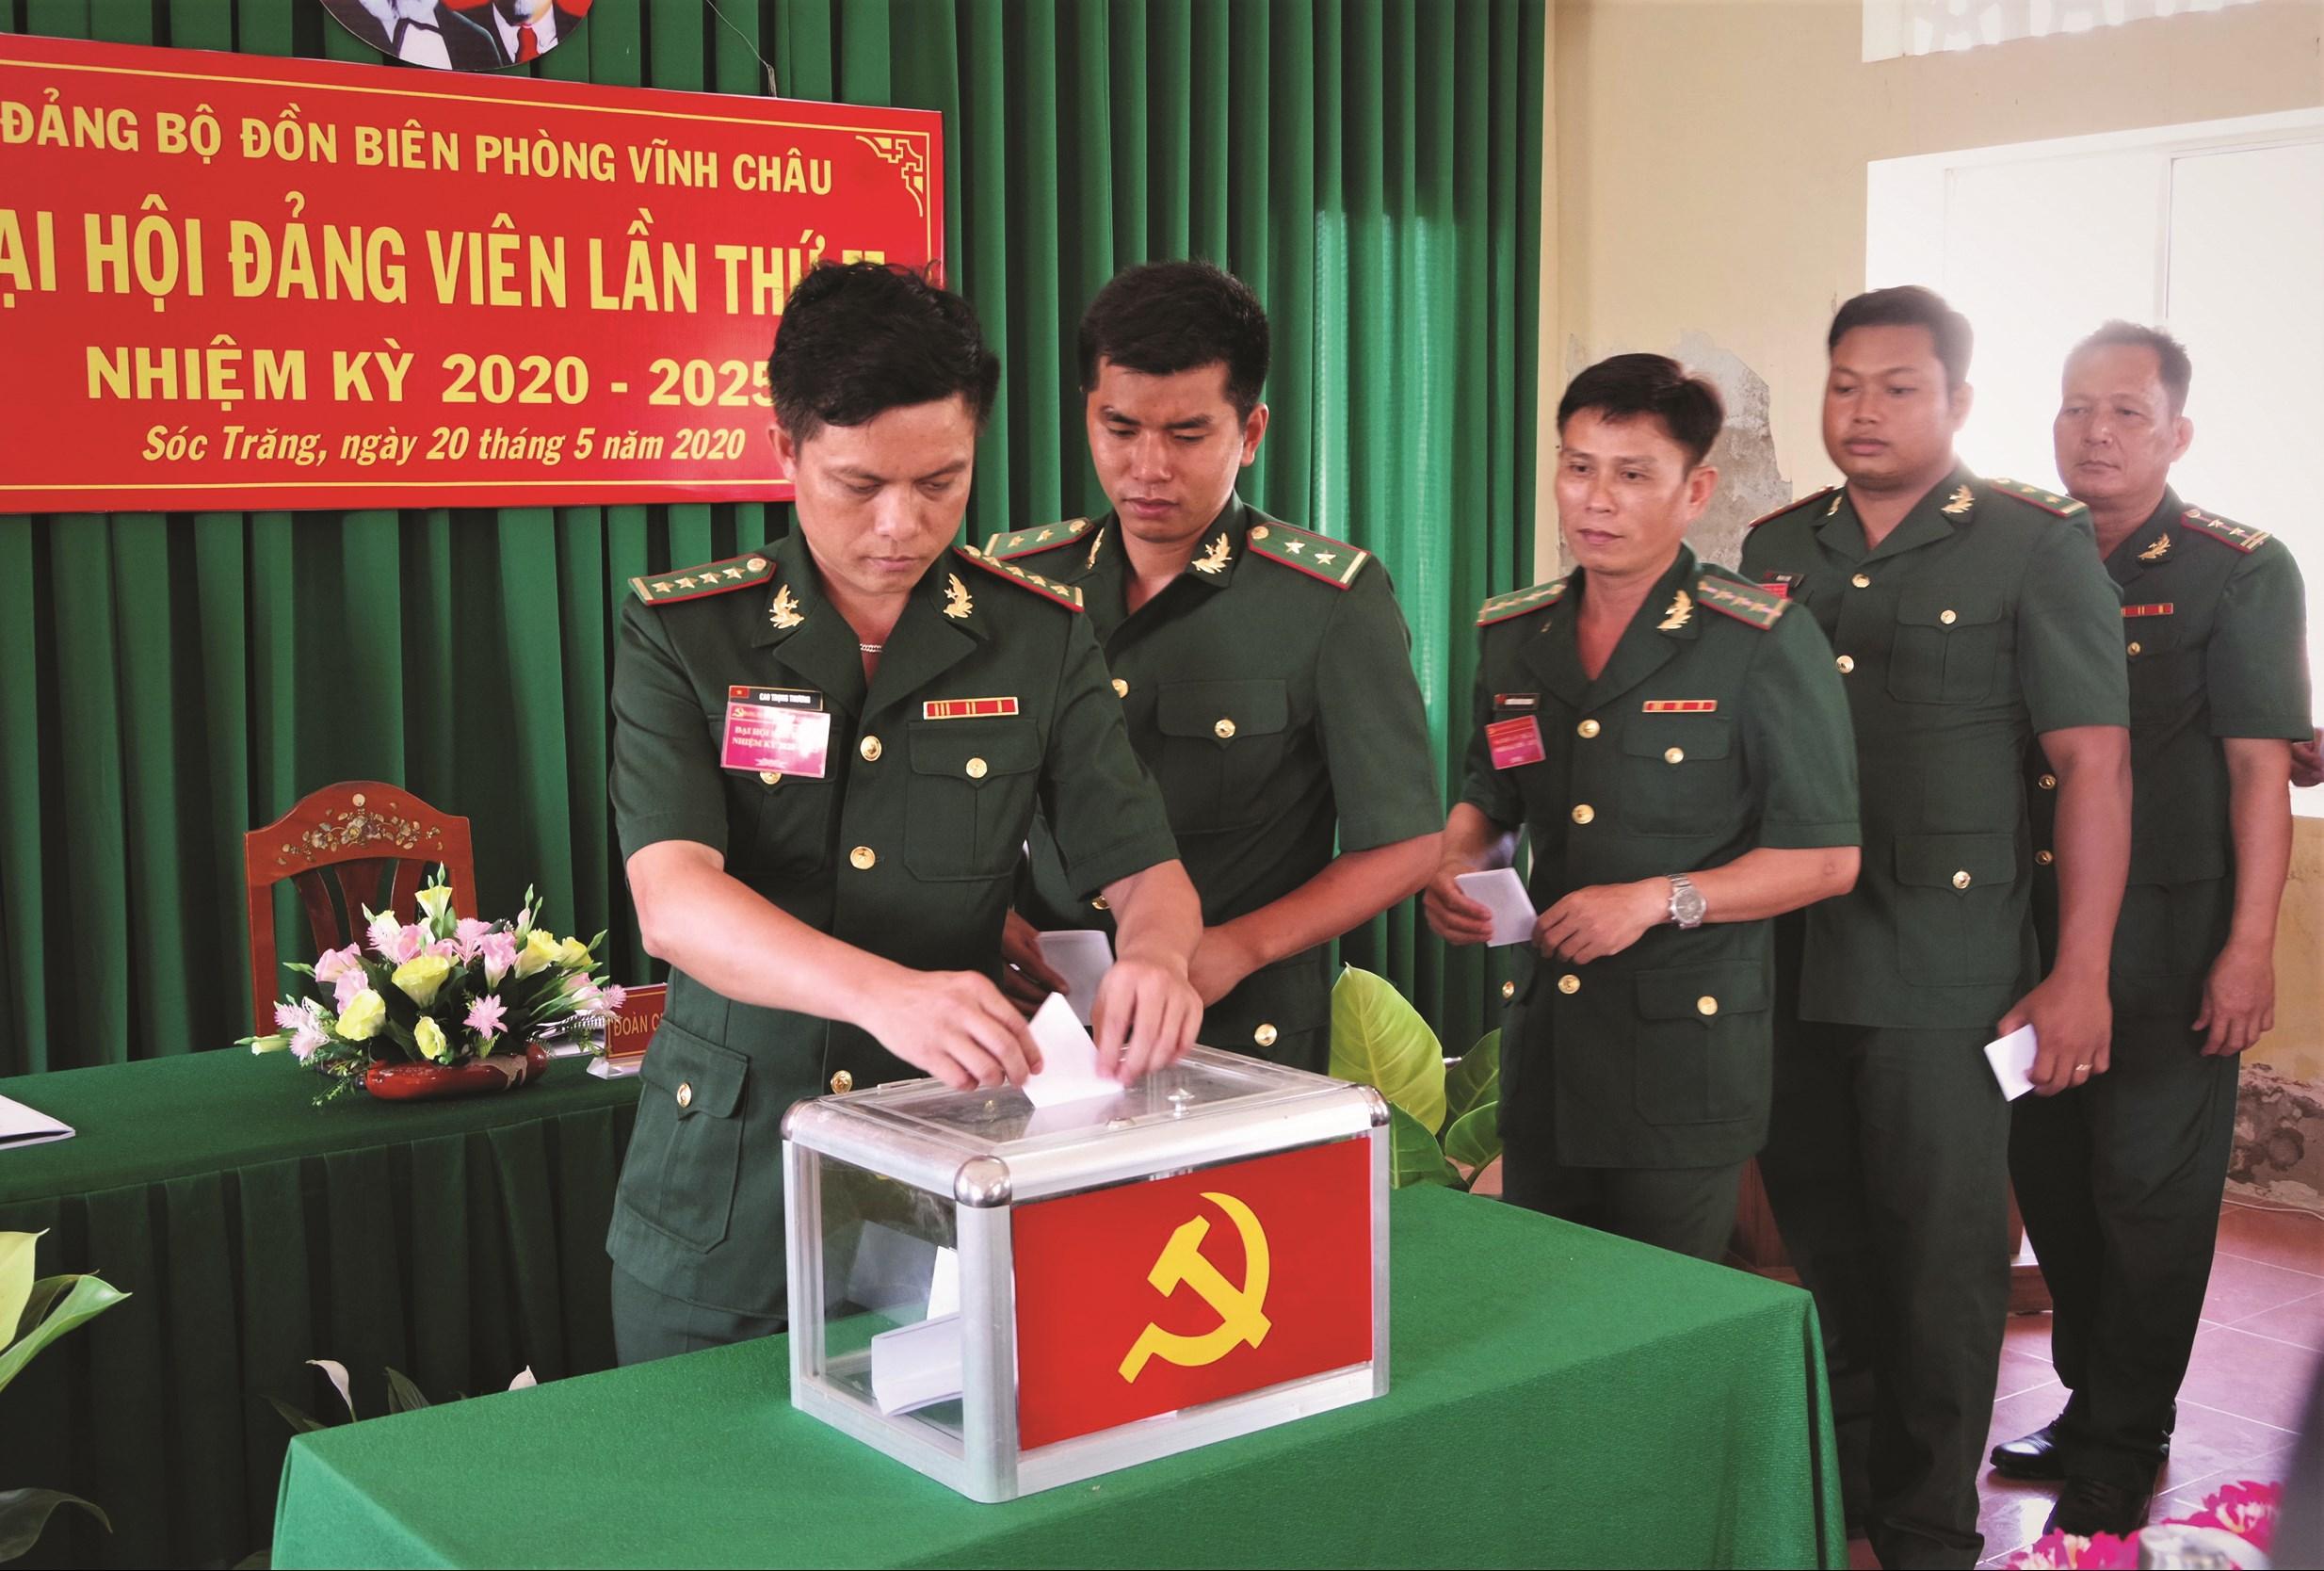 Các đảng viên Đảng bộ Đồn Biên phòng Vĩnh Châu bỏ phiếu bầu Ban Chấp hành Đảng bộ đồn Vĩnh Châu nhiệm kỳ 2020 - 2025.